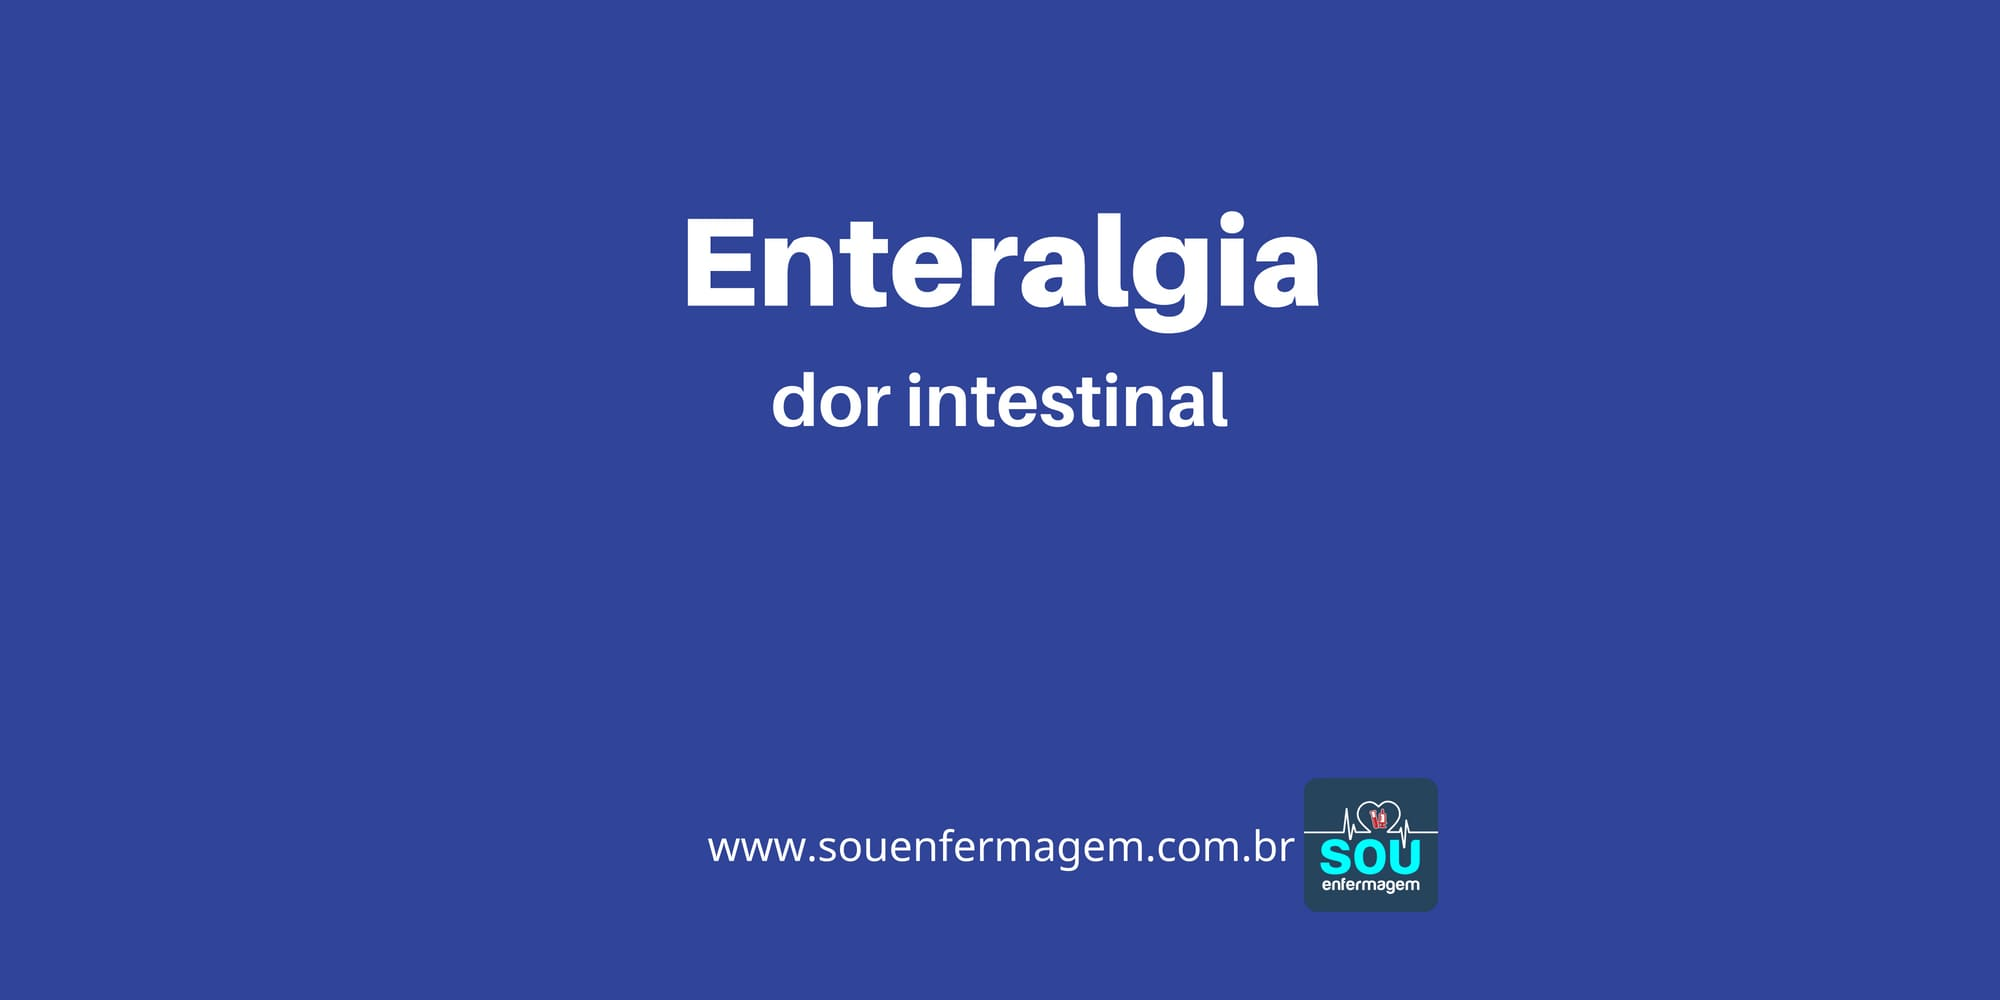 Enteralgia